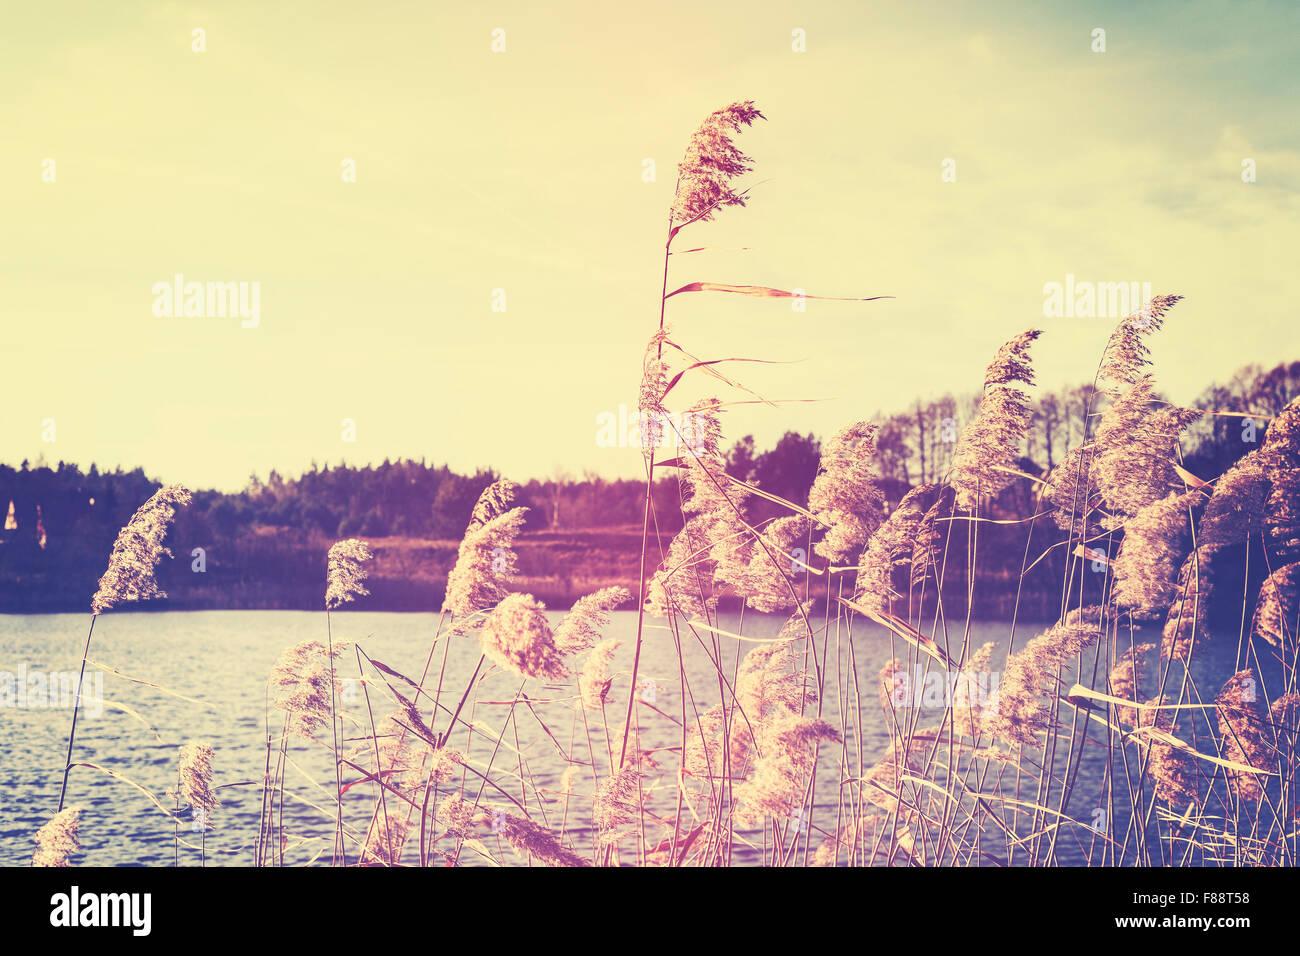 Vintage getönten Schilf an einem See, Natur Hintergrund mit geringen Schärfentiefe. Stockbild